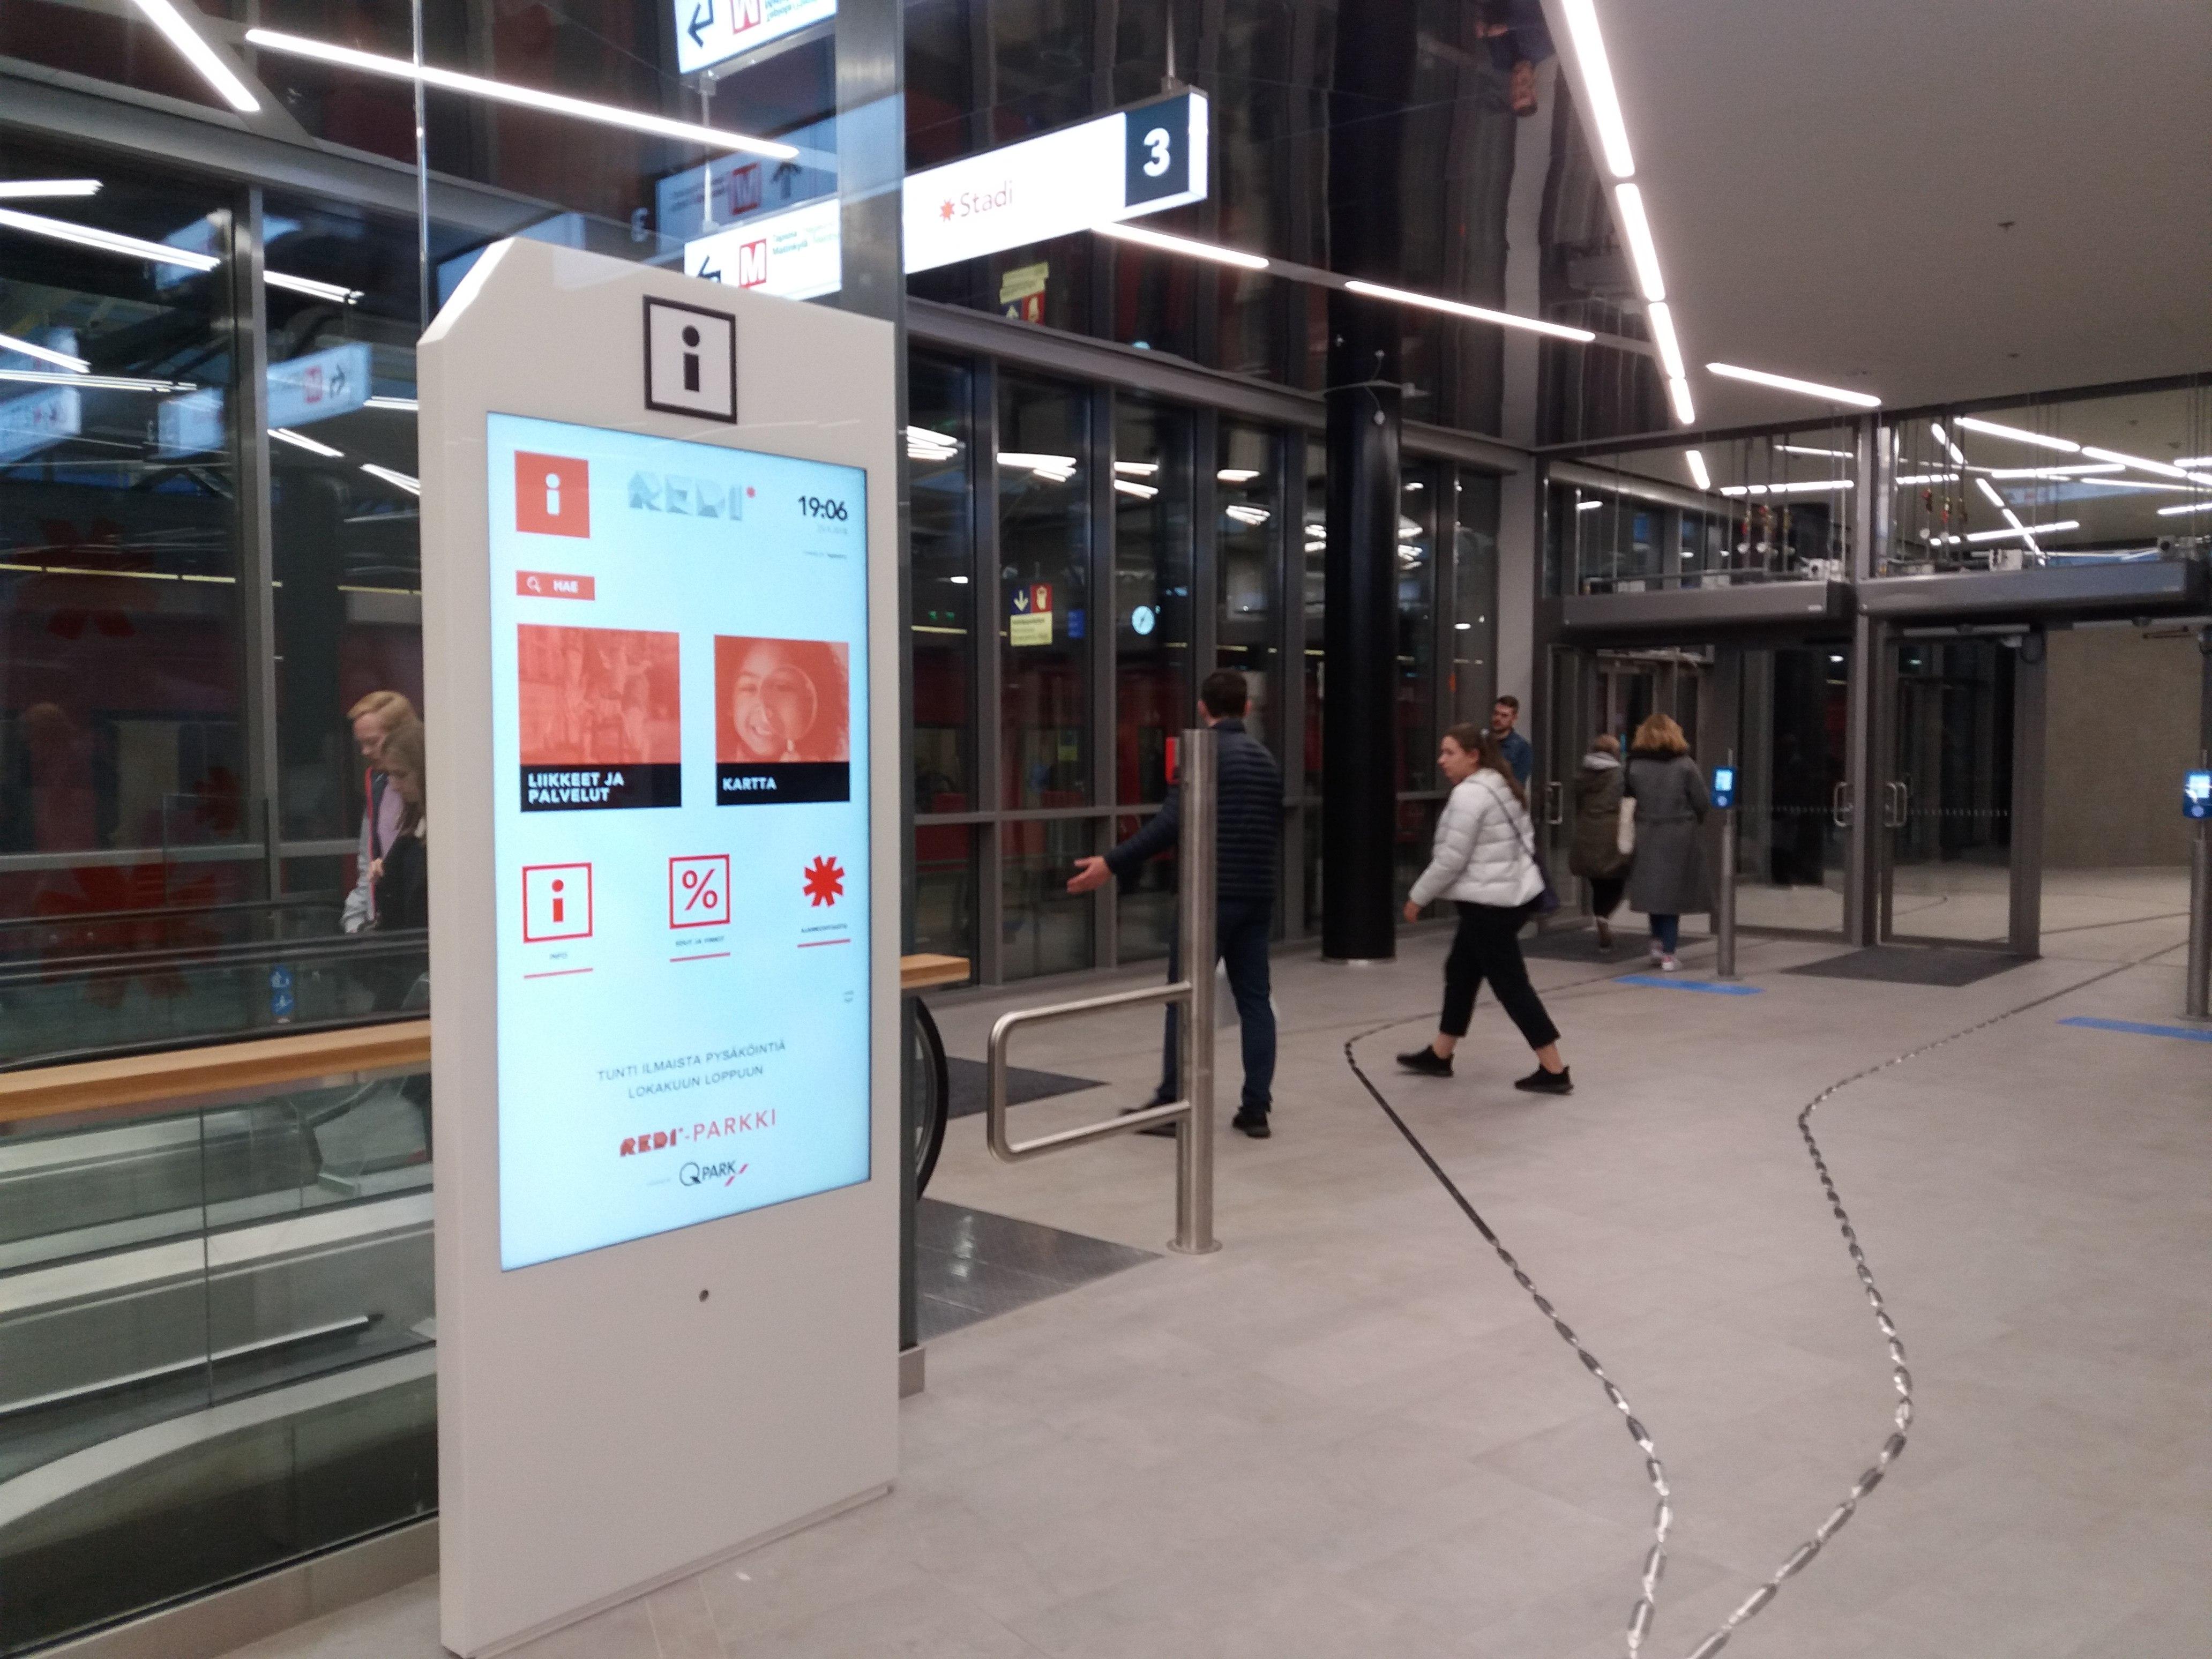 File Redista Kalasataman Metroasemalle Jpg Wikimedia Commons